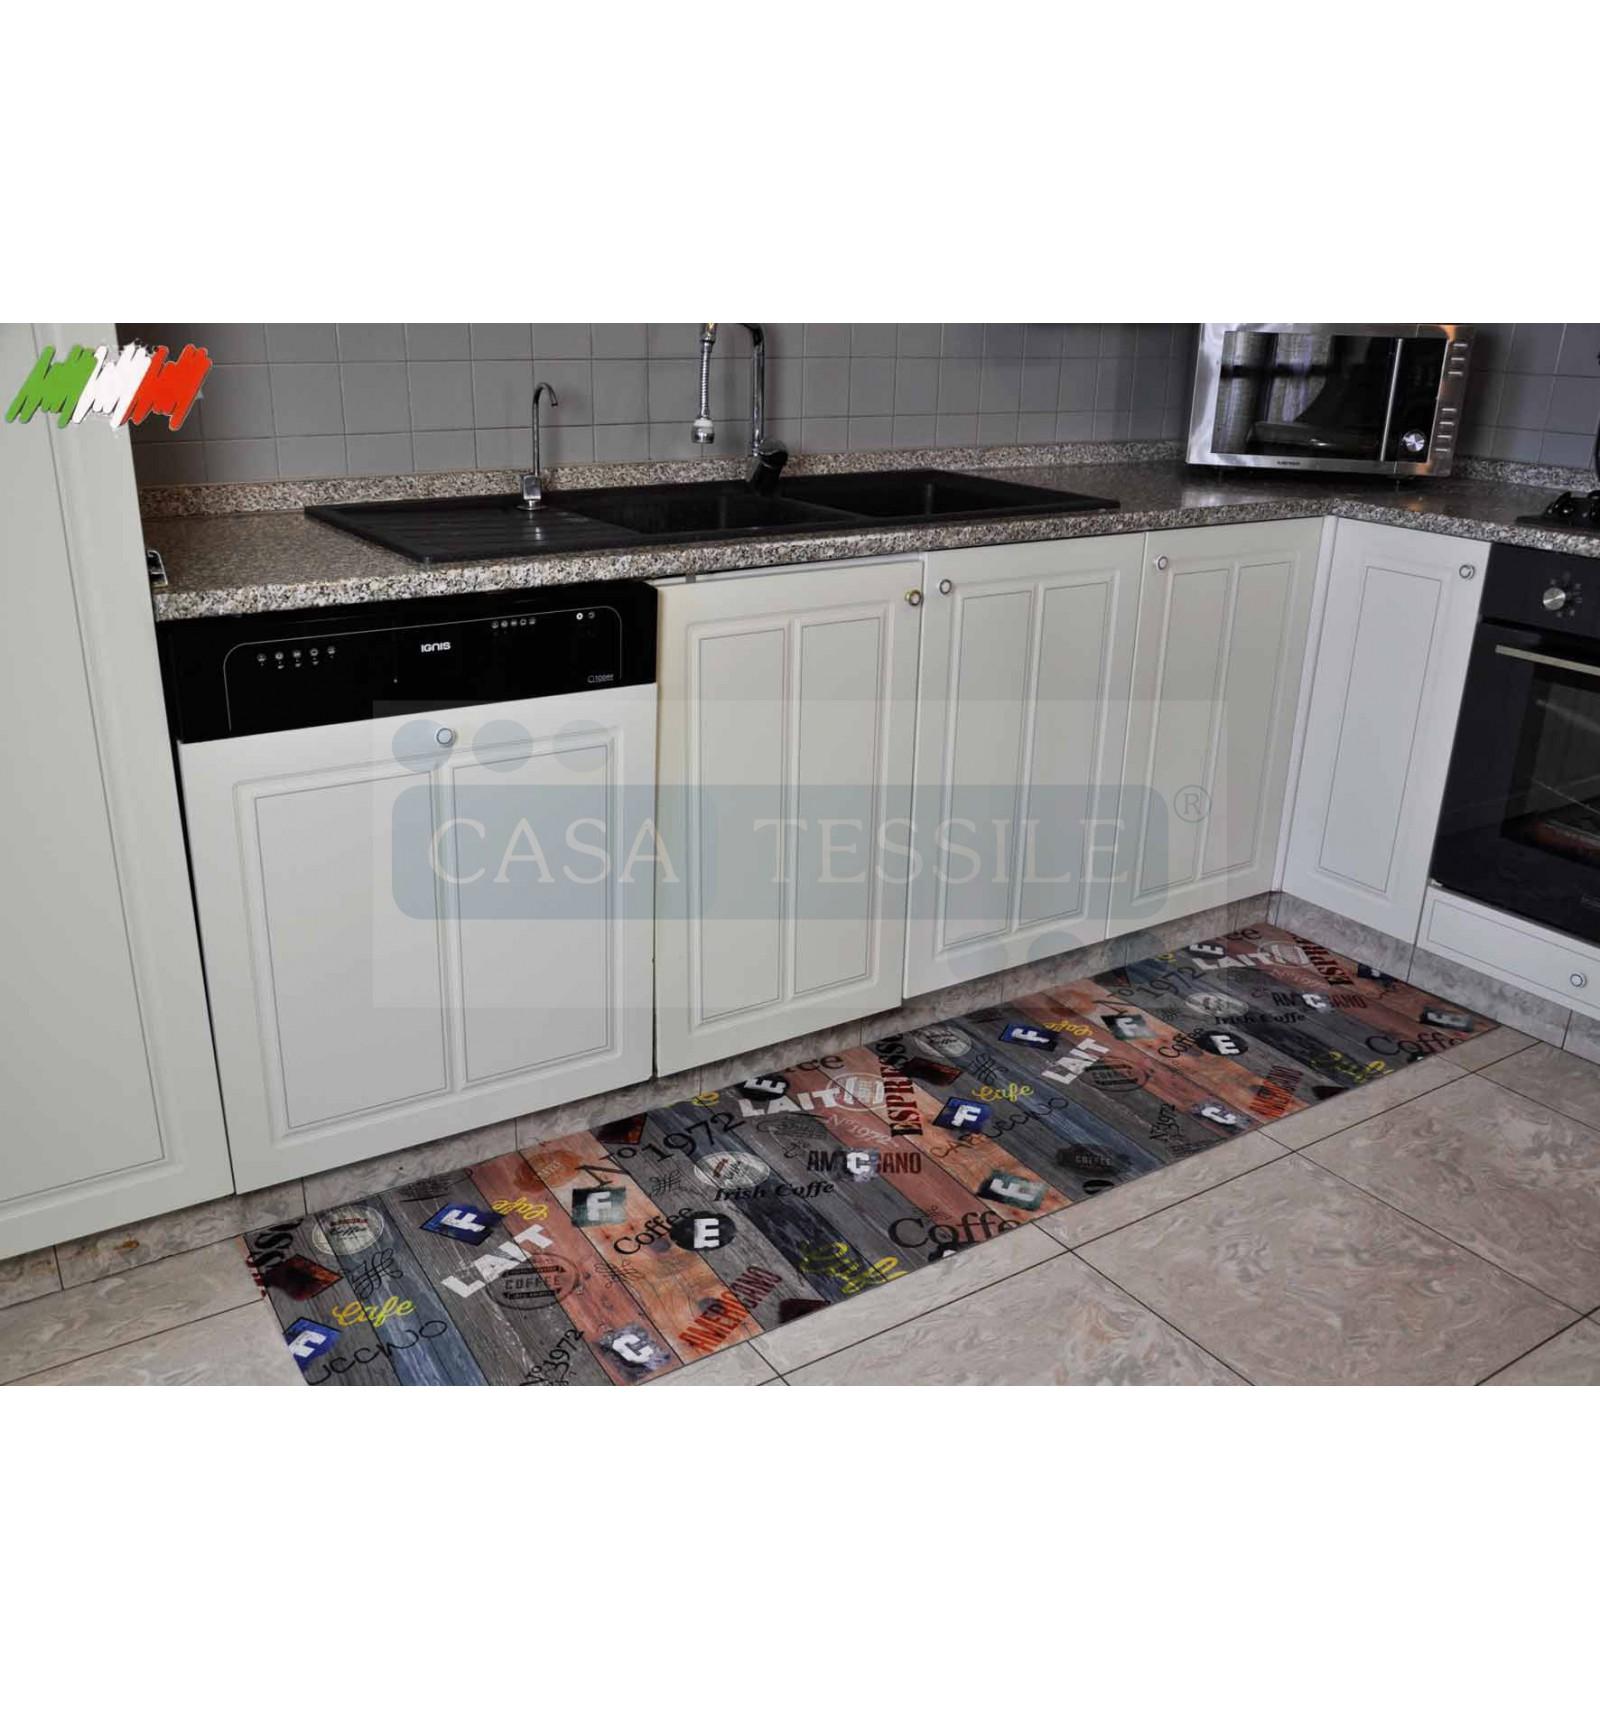 Vintage impresi n digital a cortar cocina alfombra - Alfombra de cocina ...